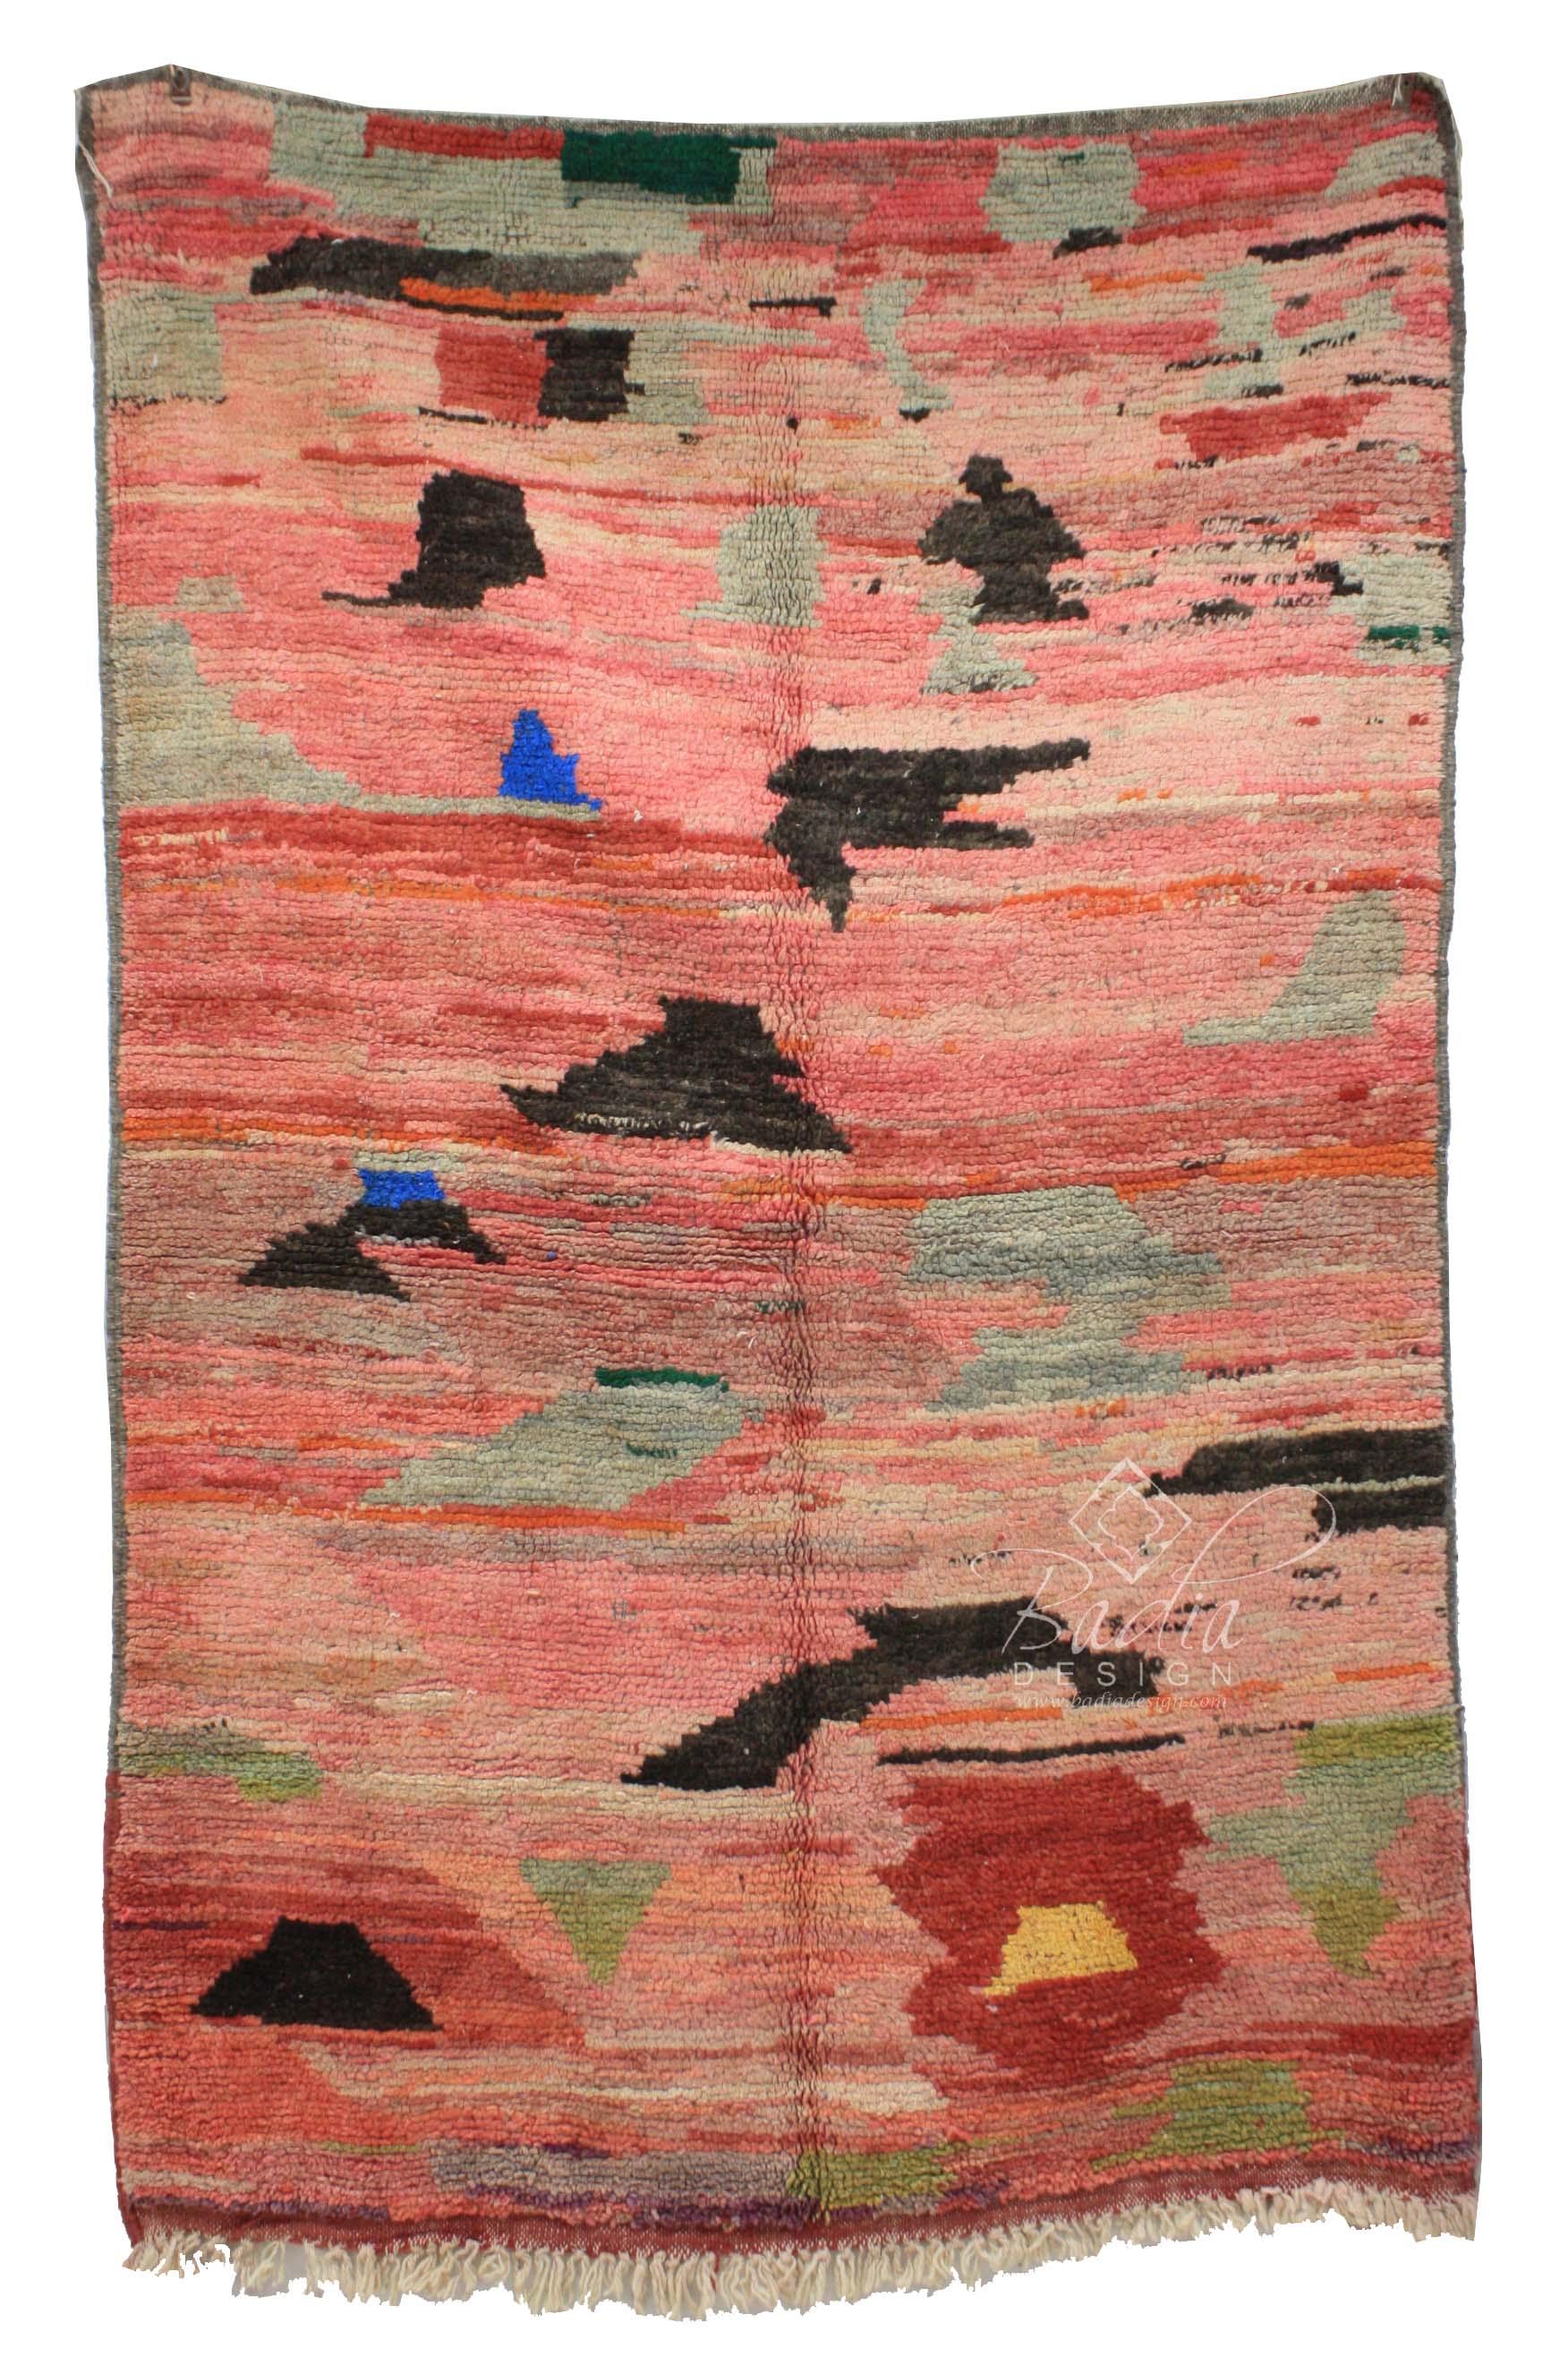 moroccan-berber-rugs-los-angeles-r856-2.jpg